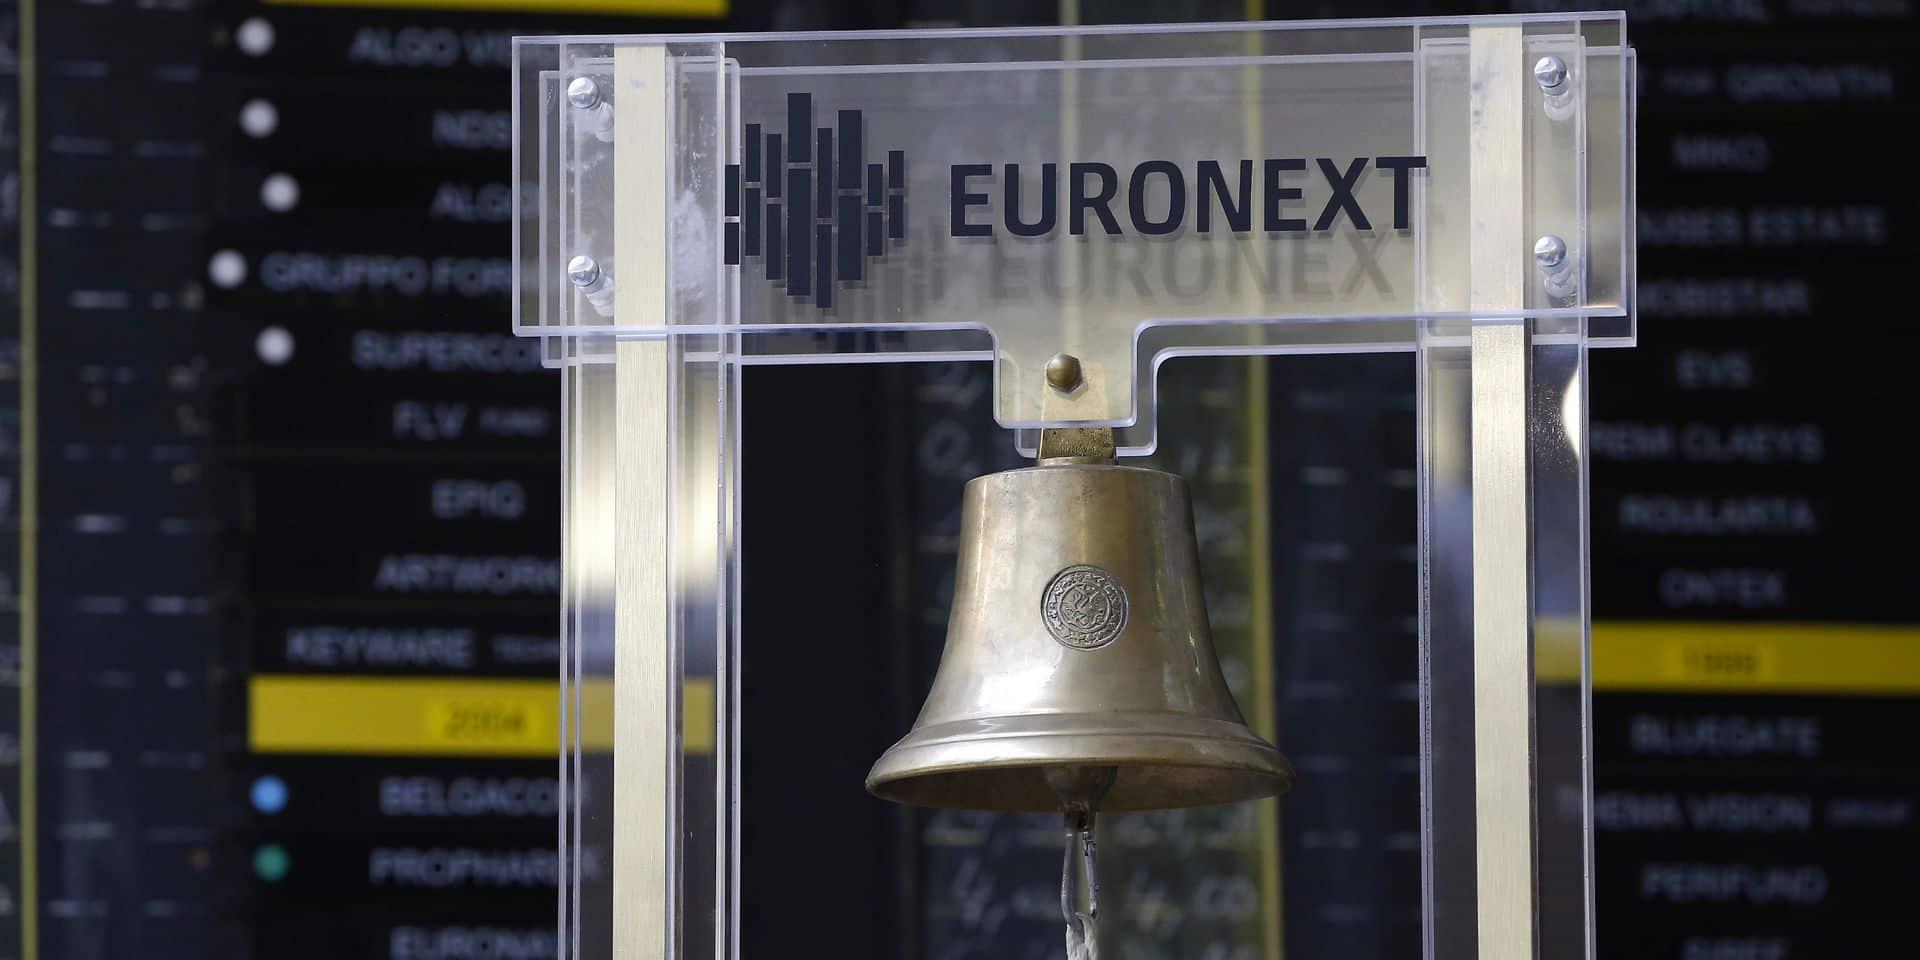 Les bourses européennes finissent en recul à la clôture, au lendemain d'un effondrement généralisé